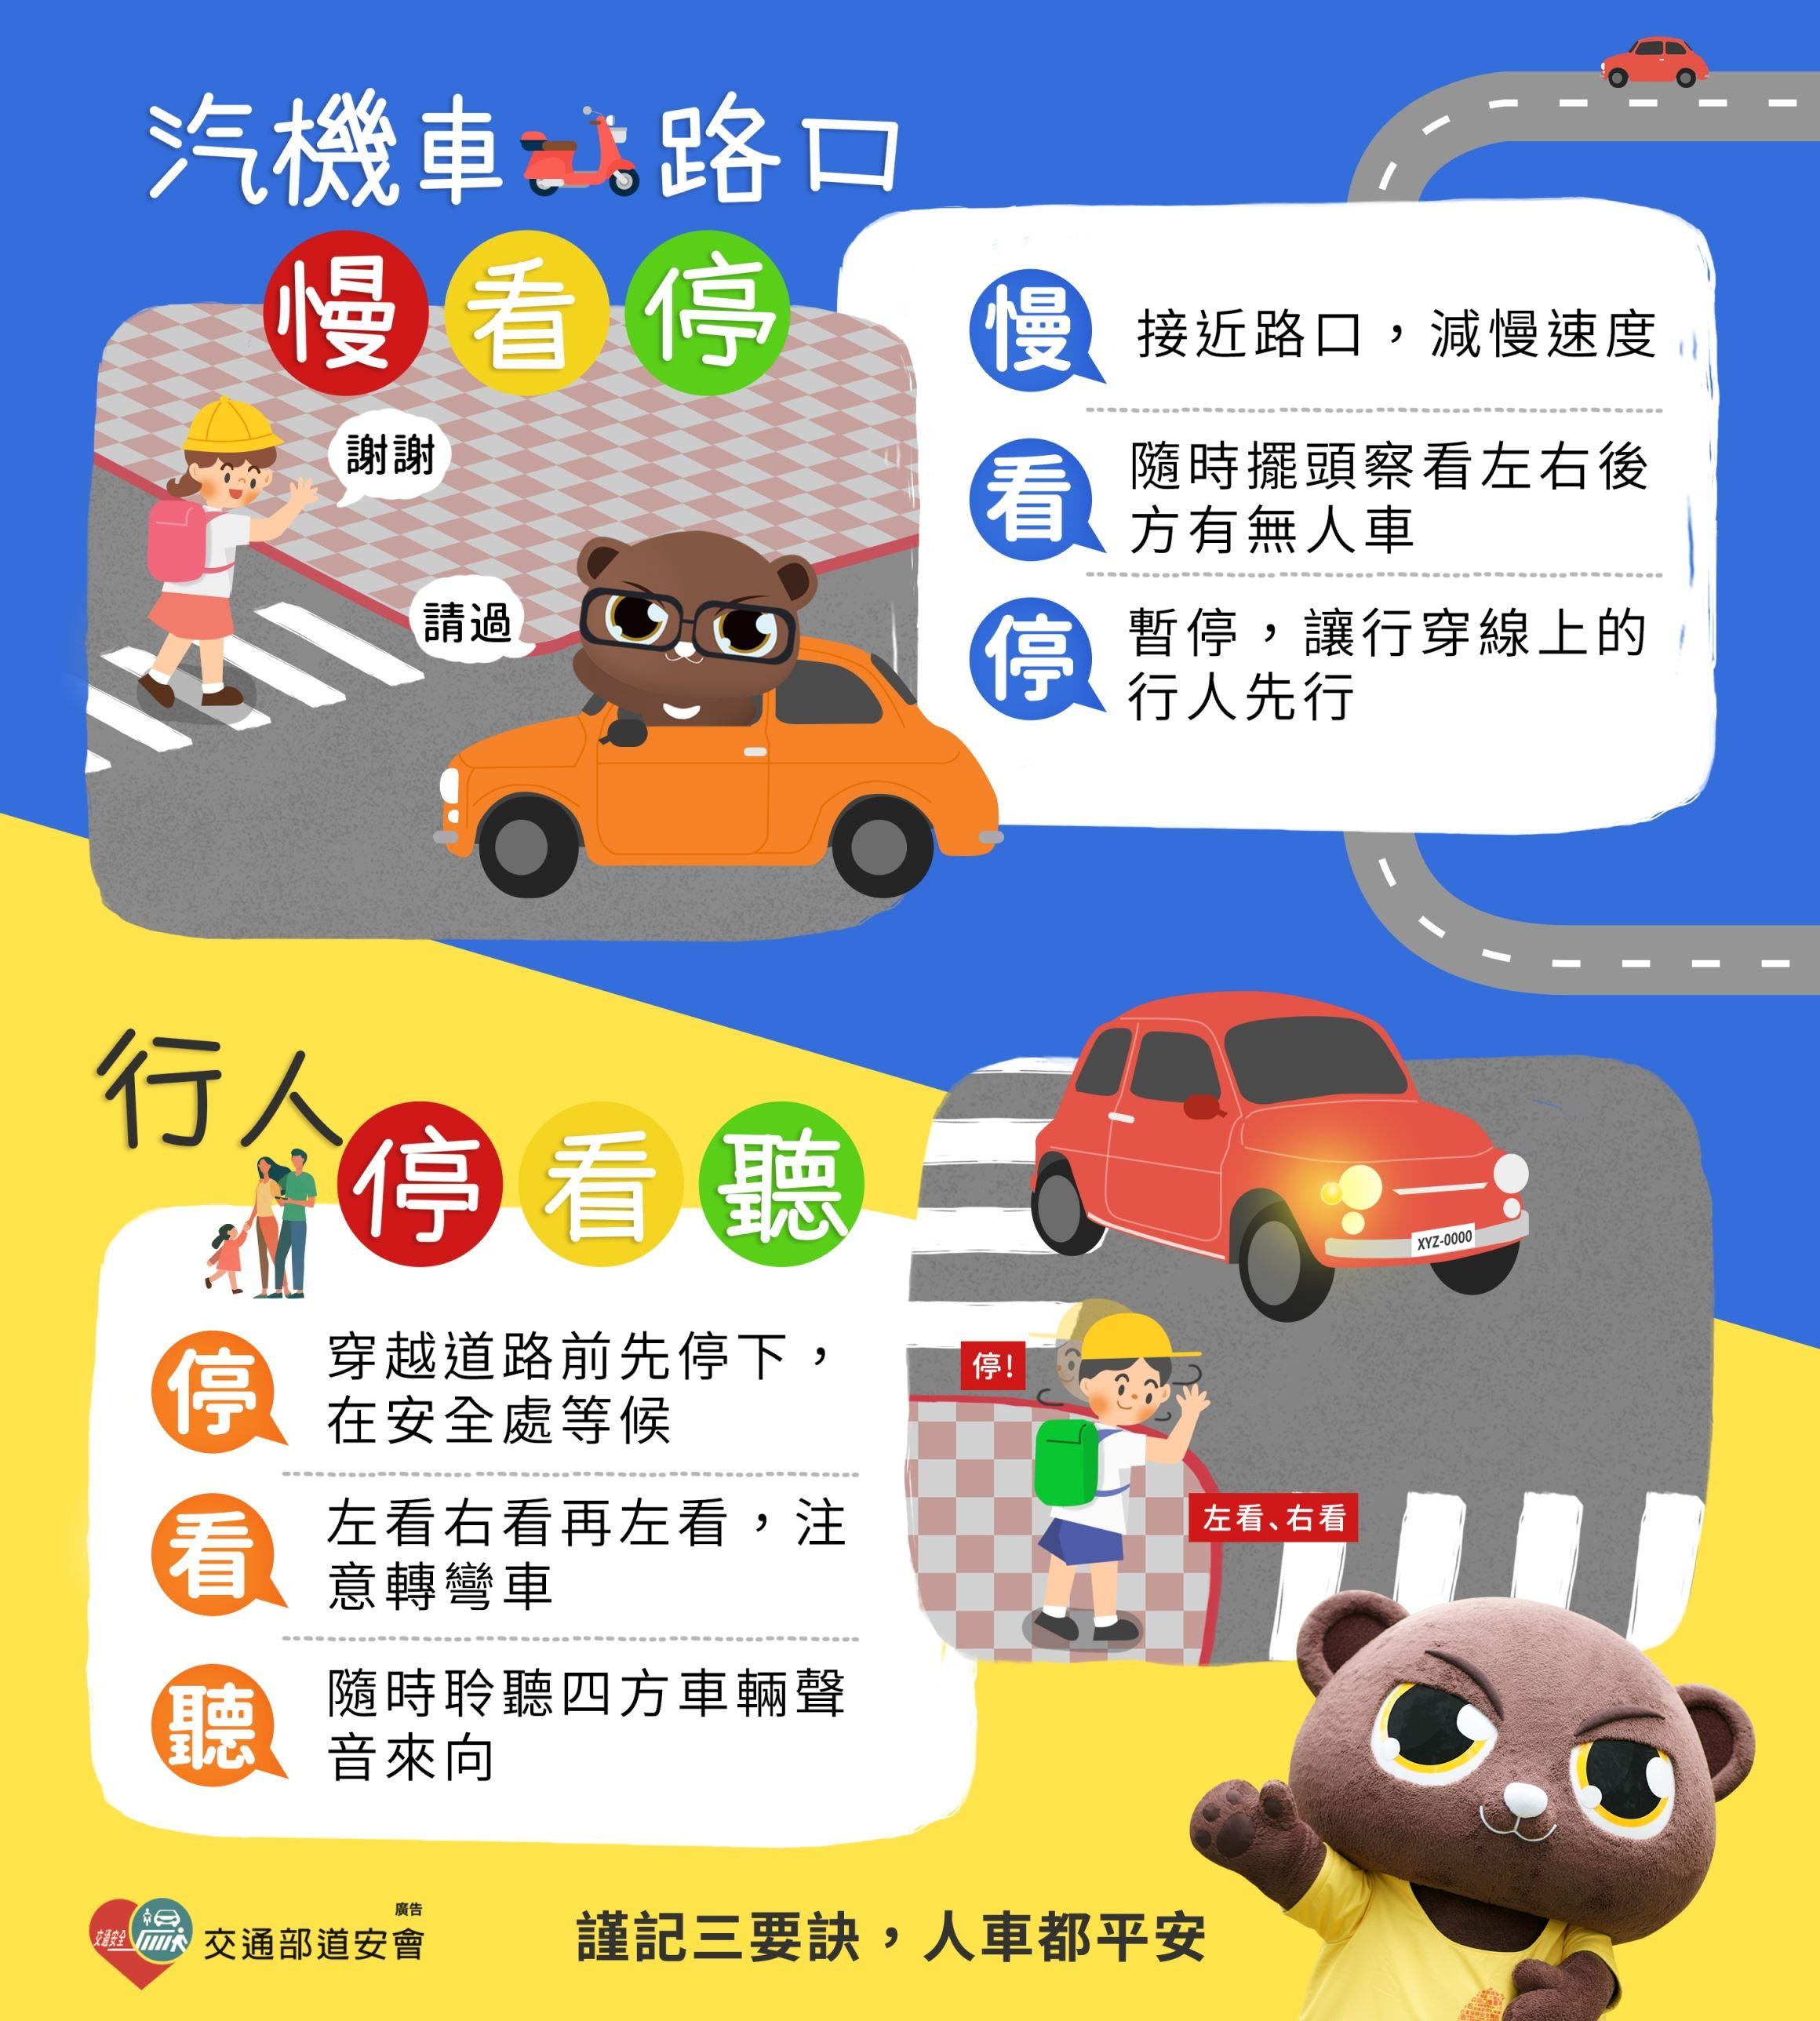 大湖地政事務所-110年交通安全月活動_0